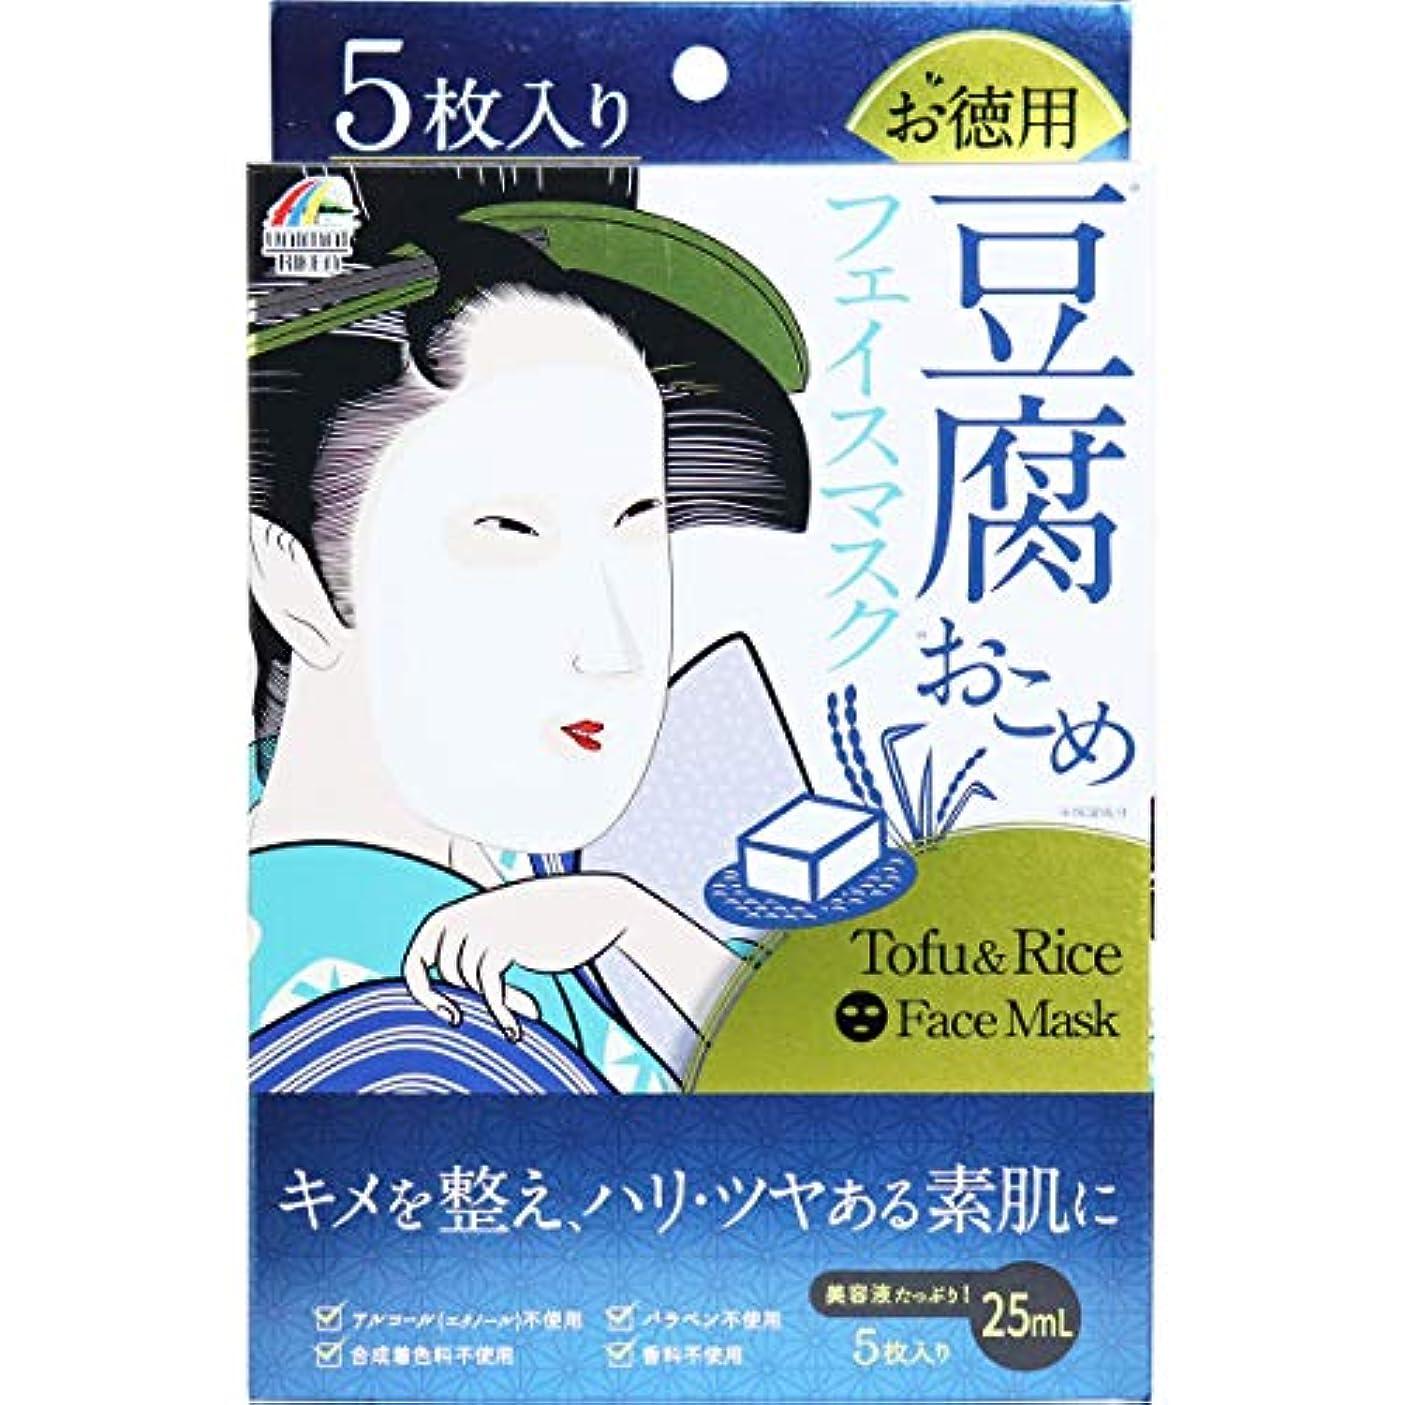 食品達成可能リーダーシップユニマットリケン 豆腐おこめフェイスマスク 5枚入り